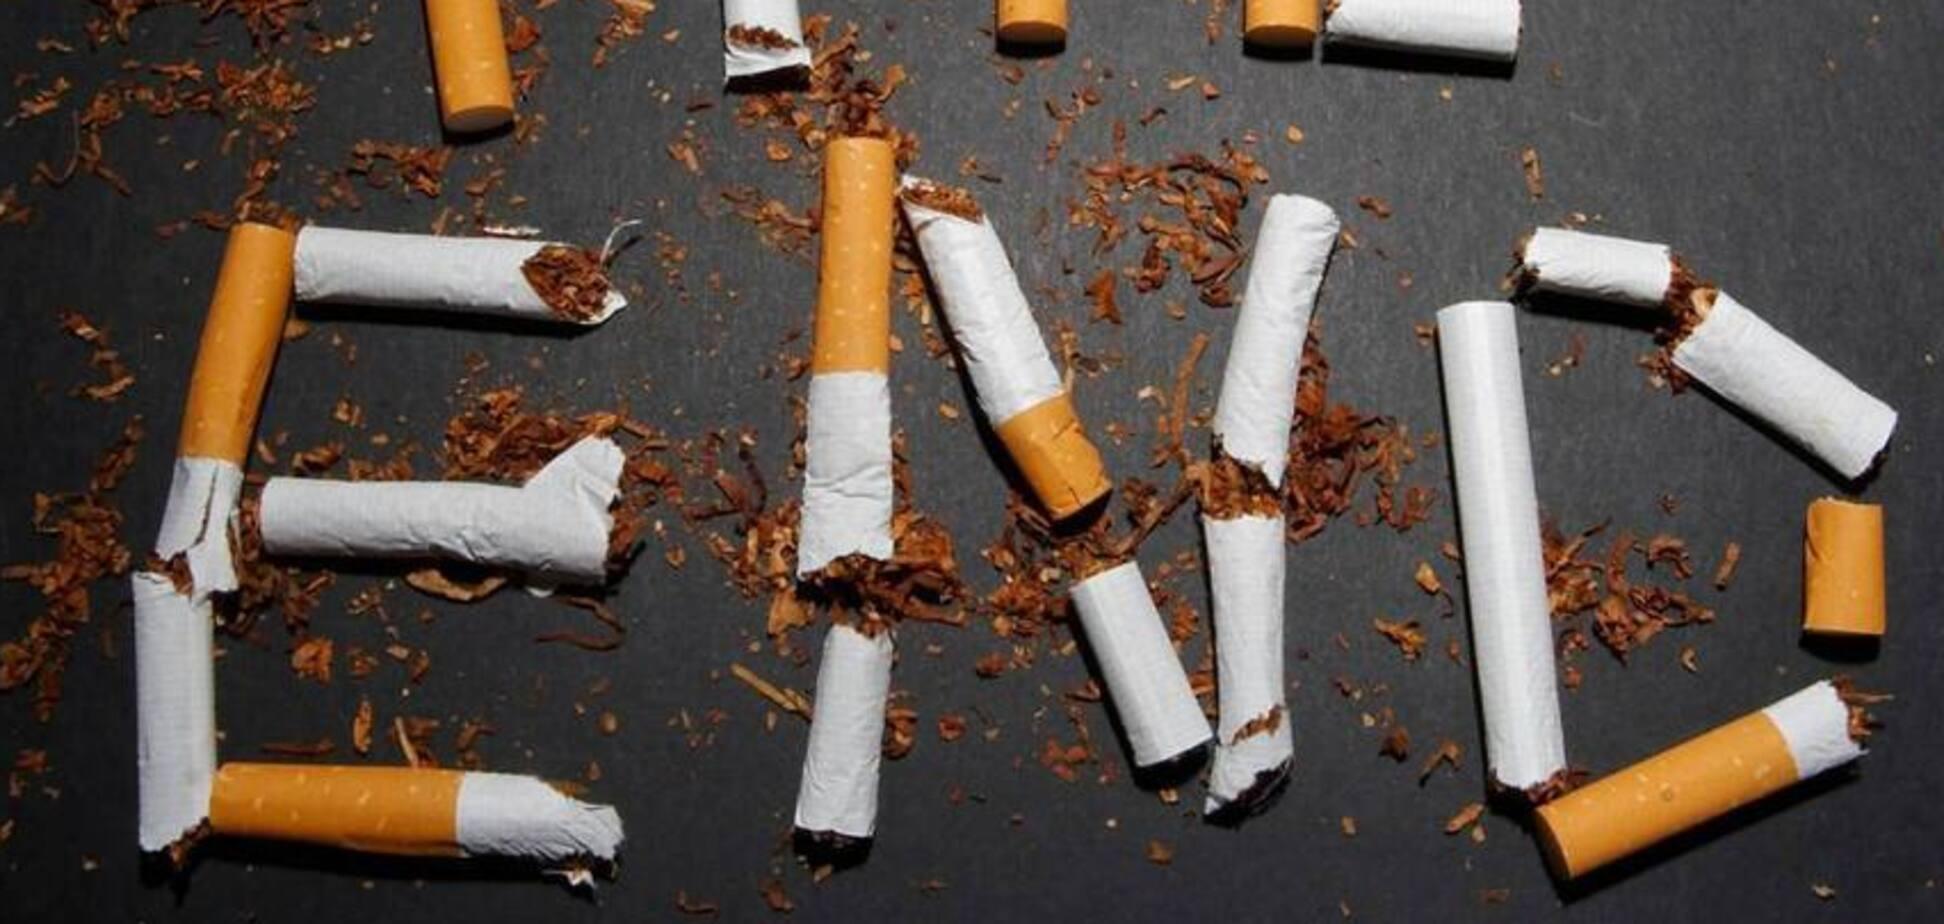 Ще один привід кинути: вчені спростували популярний міф про куріння